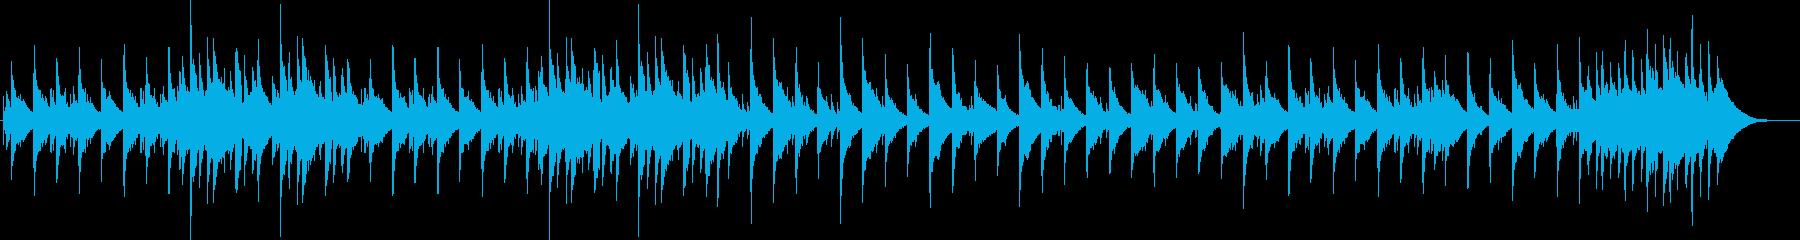 映像作品に使える癒しのアコギサウンドの再生済みの波形